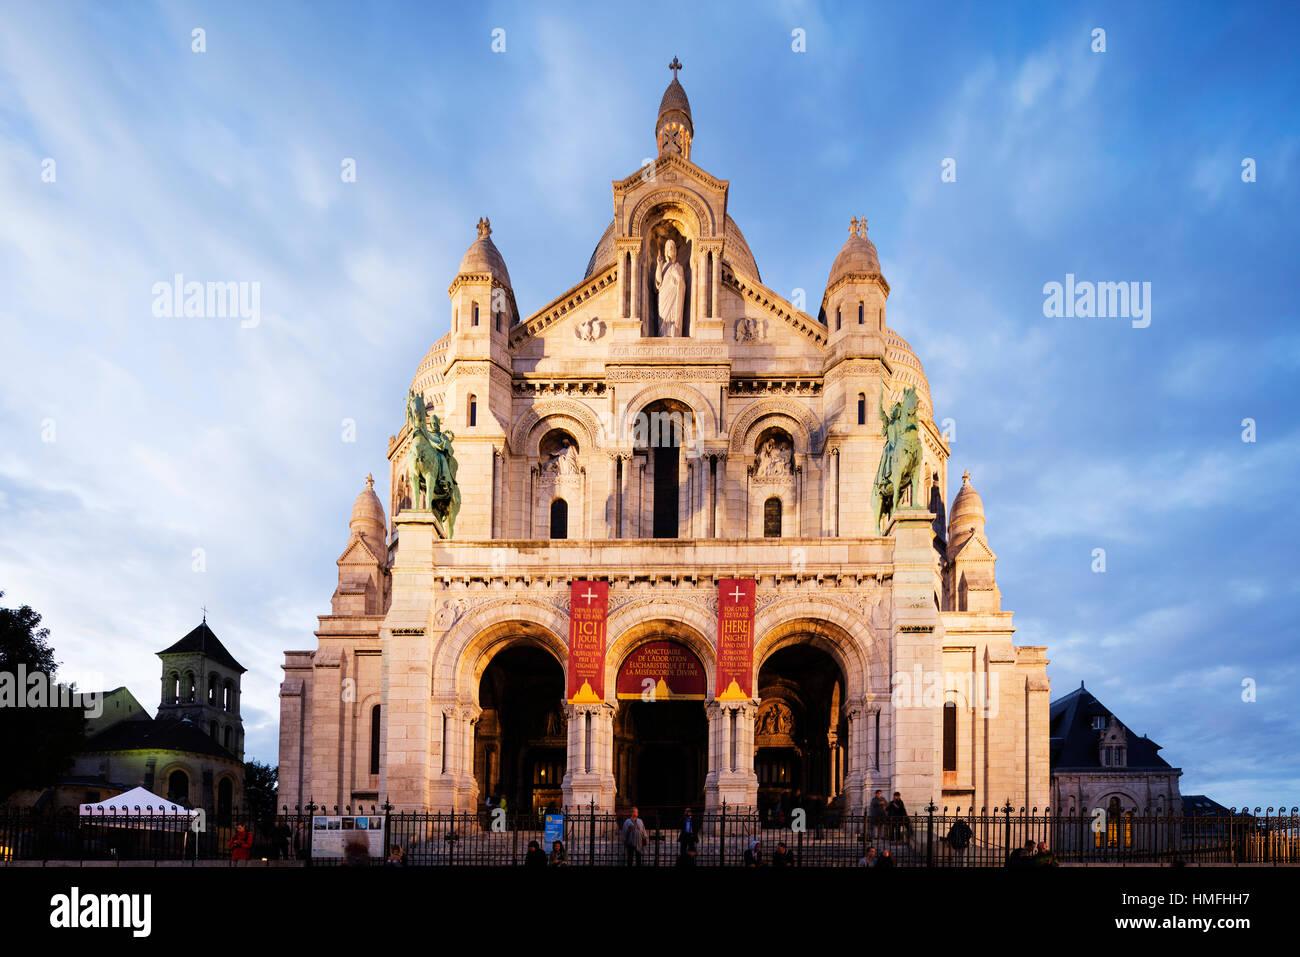 La basilique du Sacré-Cœur, Montmartre, Paris, France Photo Stock